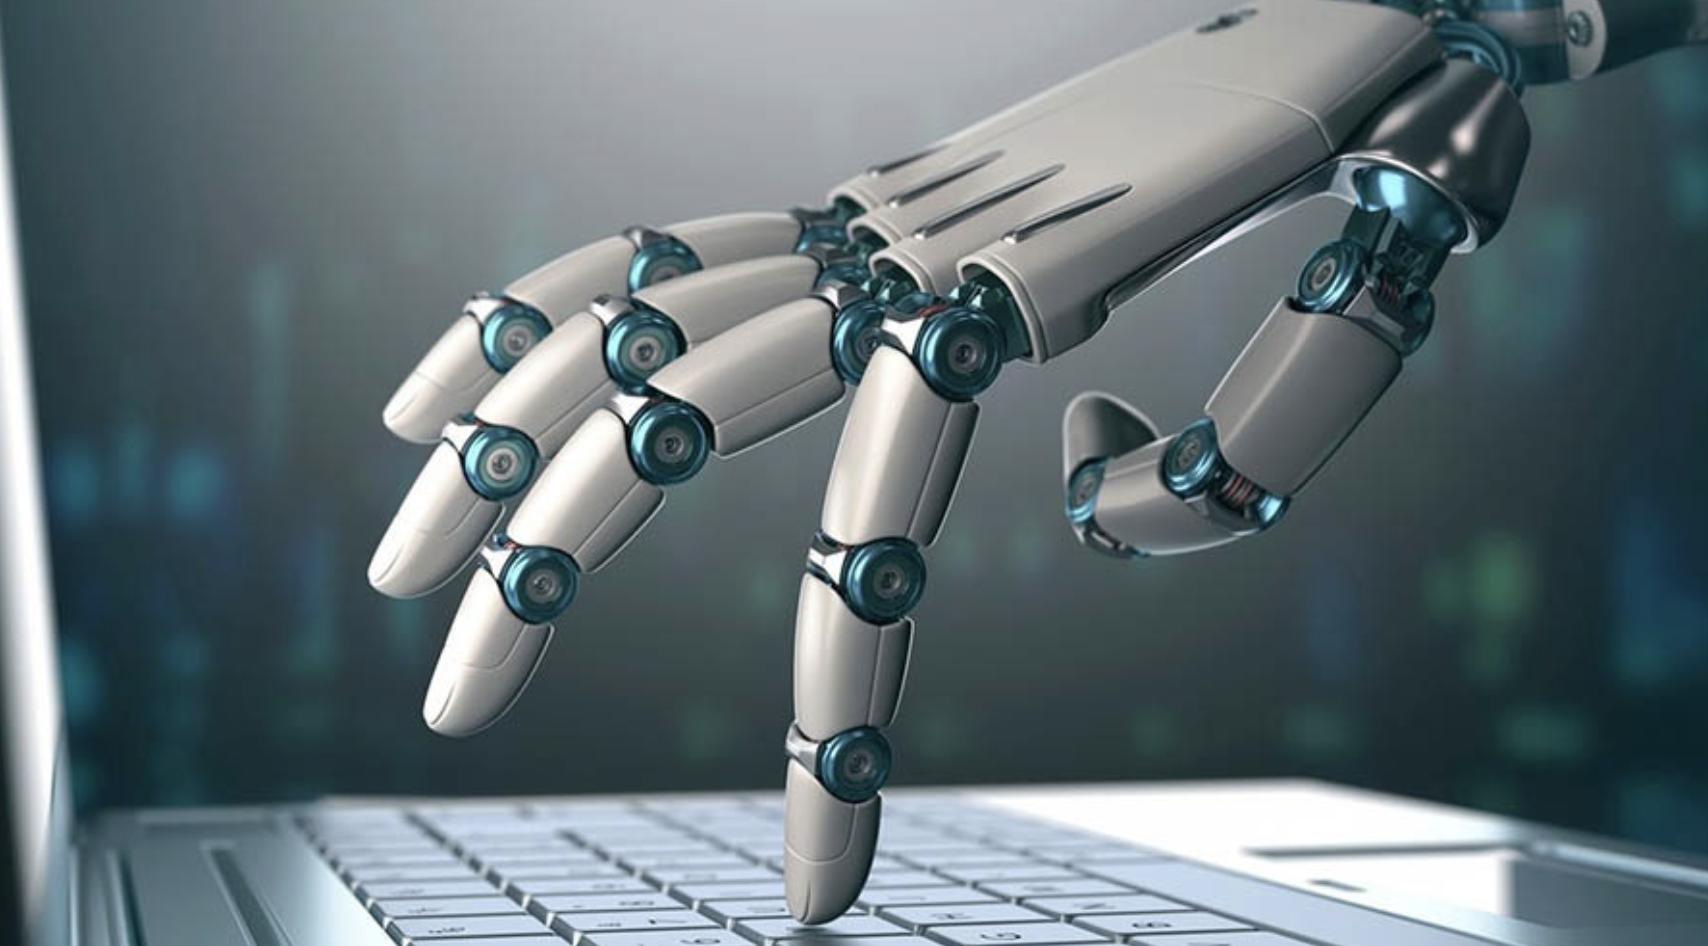 操控价格扰乱NFT拍卖,机器人正在破坏NFT市场OpenSea?